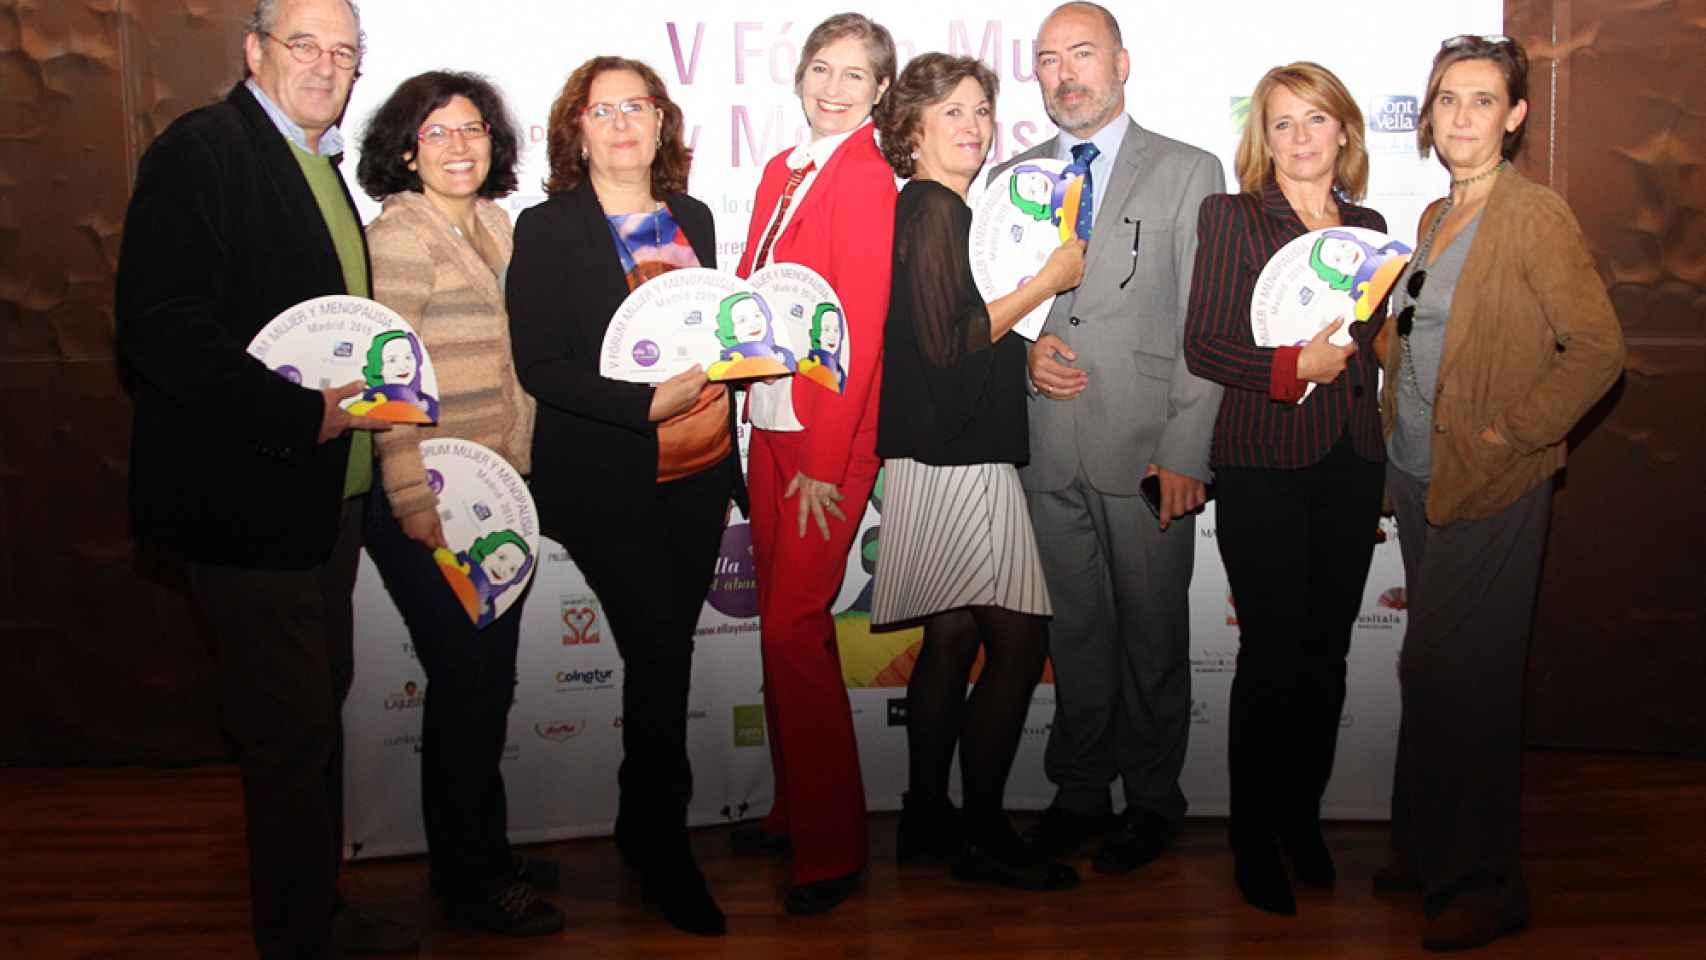 Assumpta Serna posa junto con gente de la asociación de menopaúsicas Ella y El Abanico.